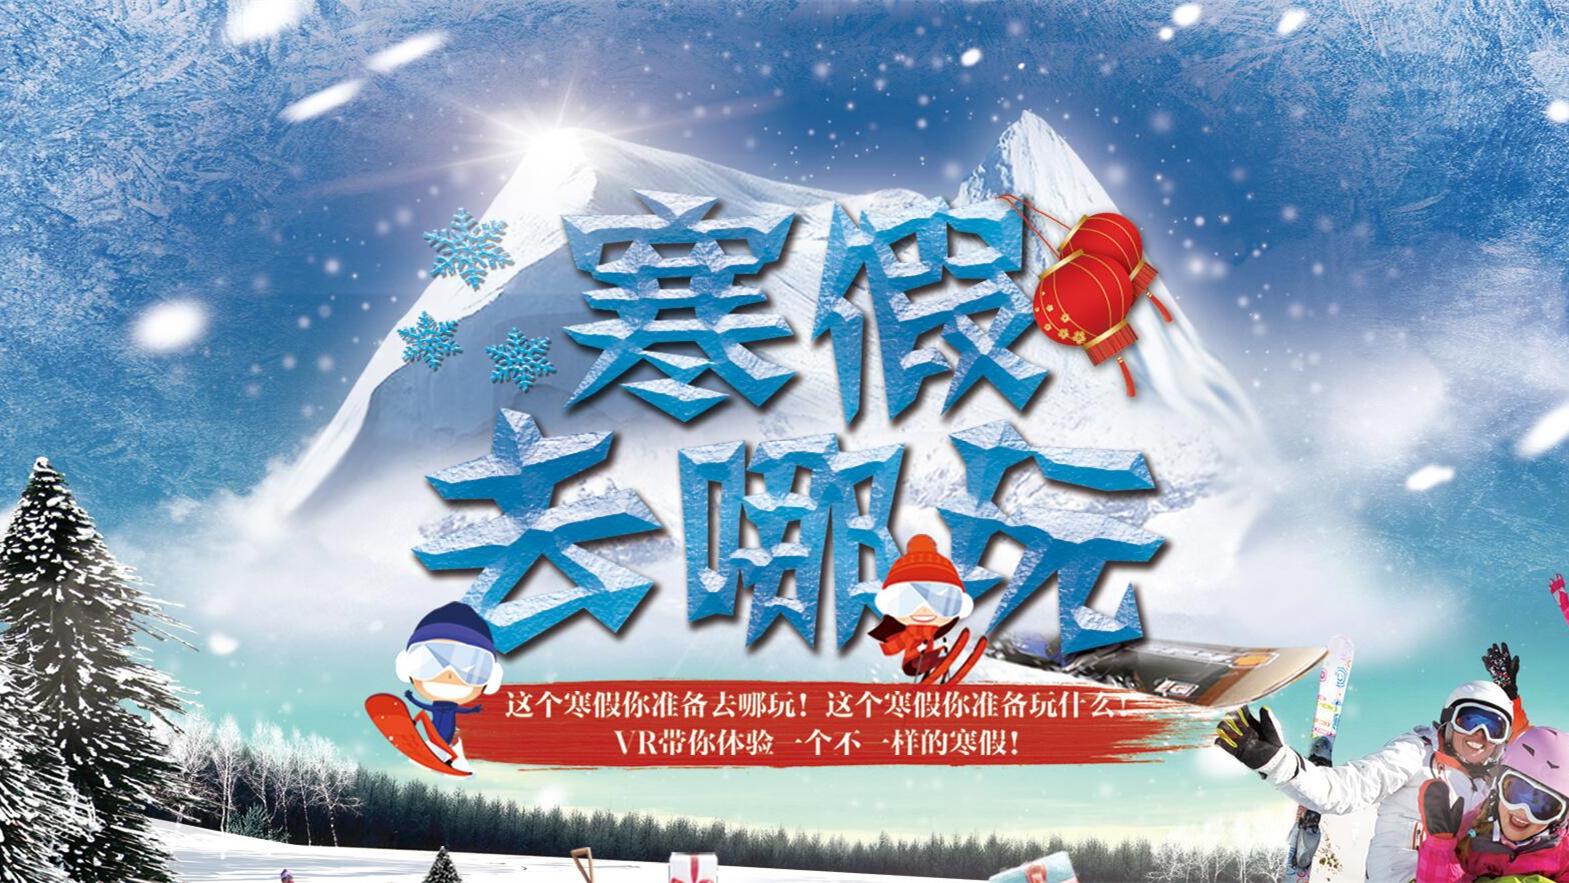 寒假去哪玩 新華VR帶您領略精彩假日